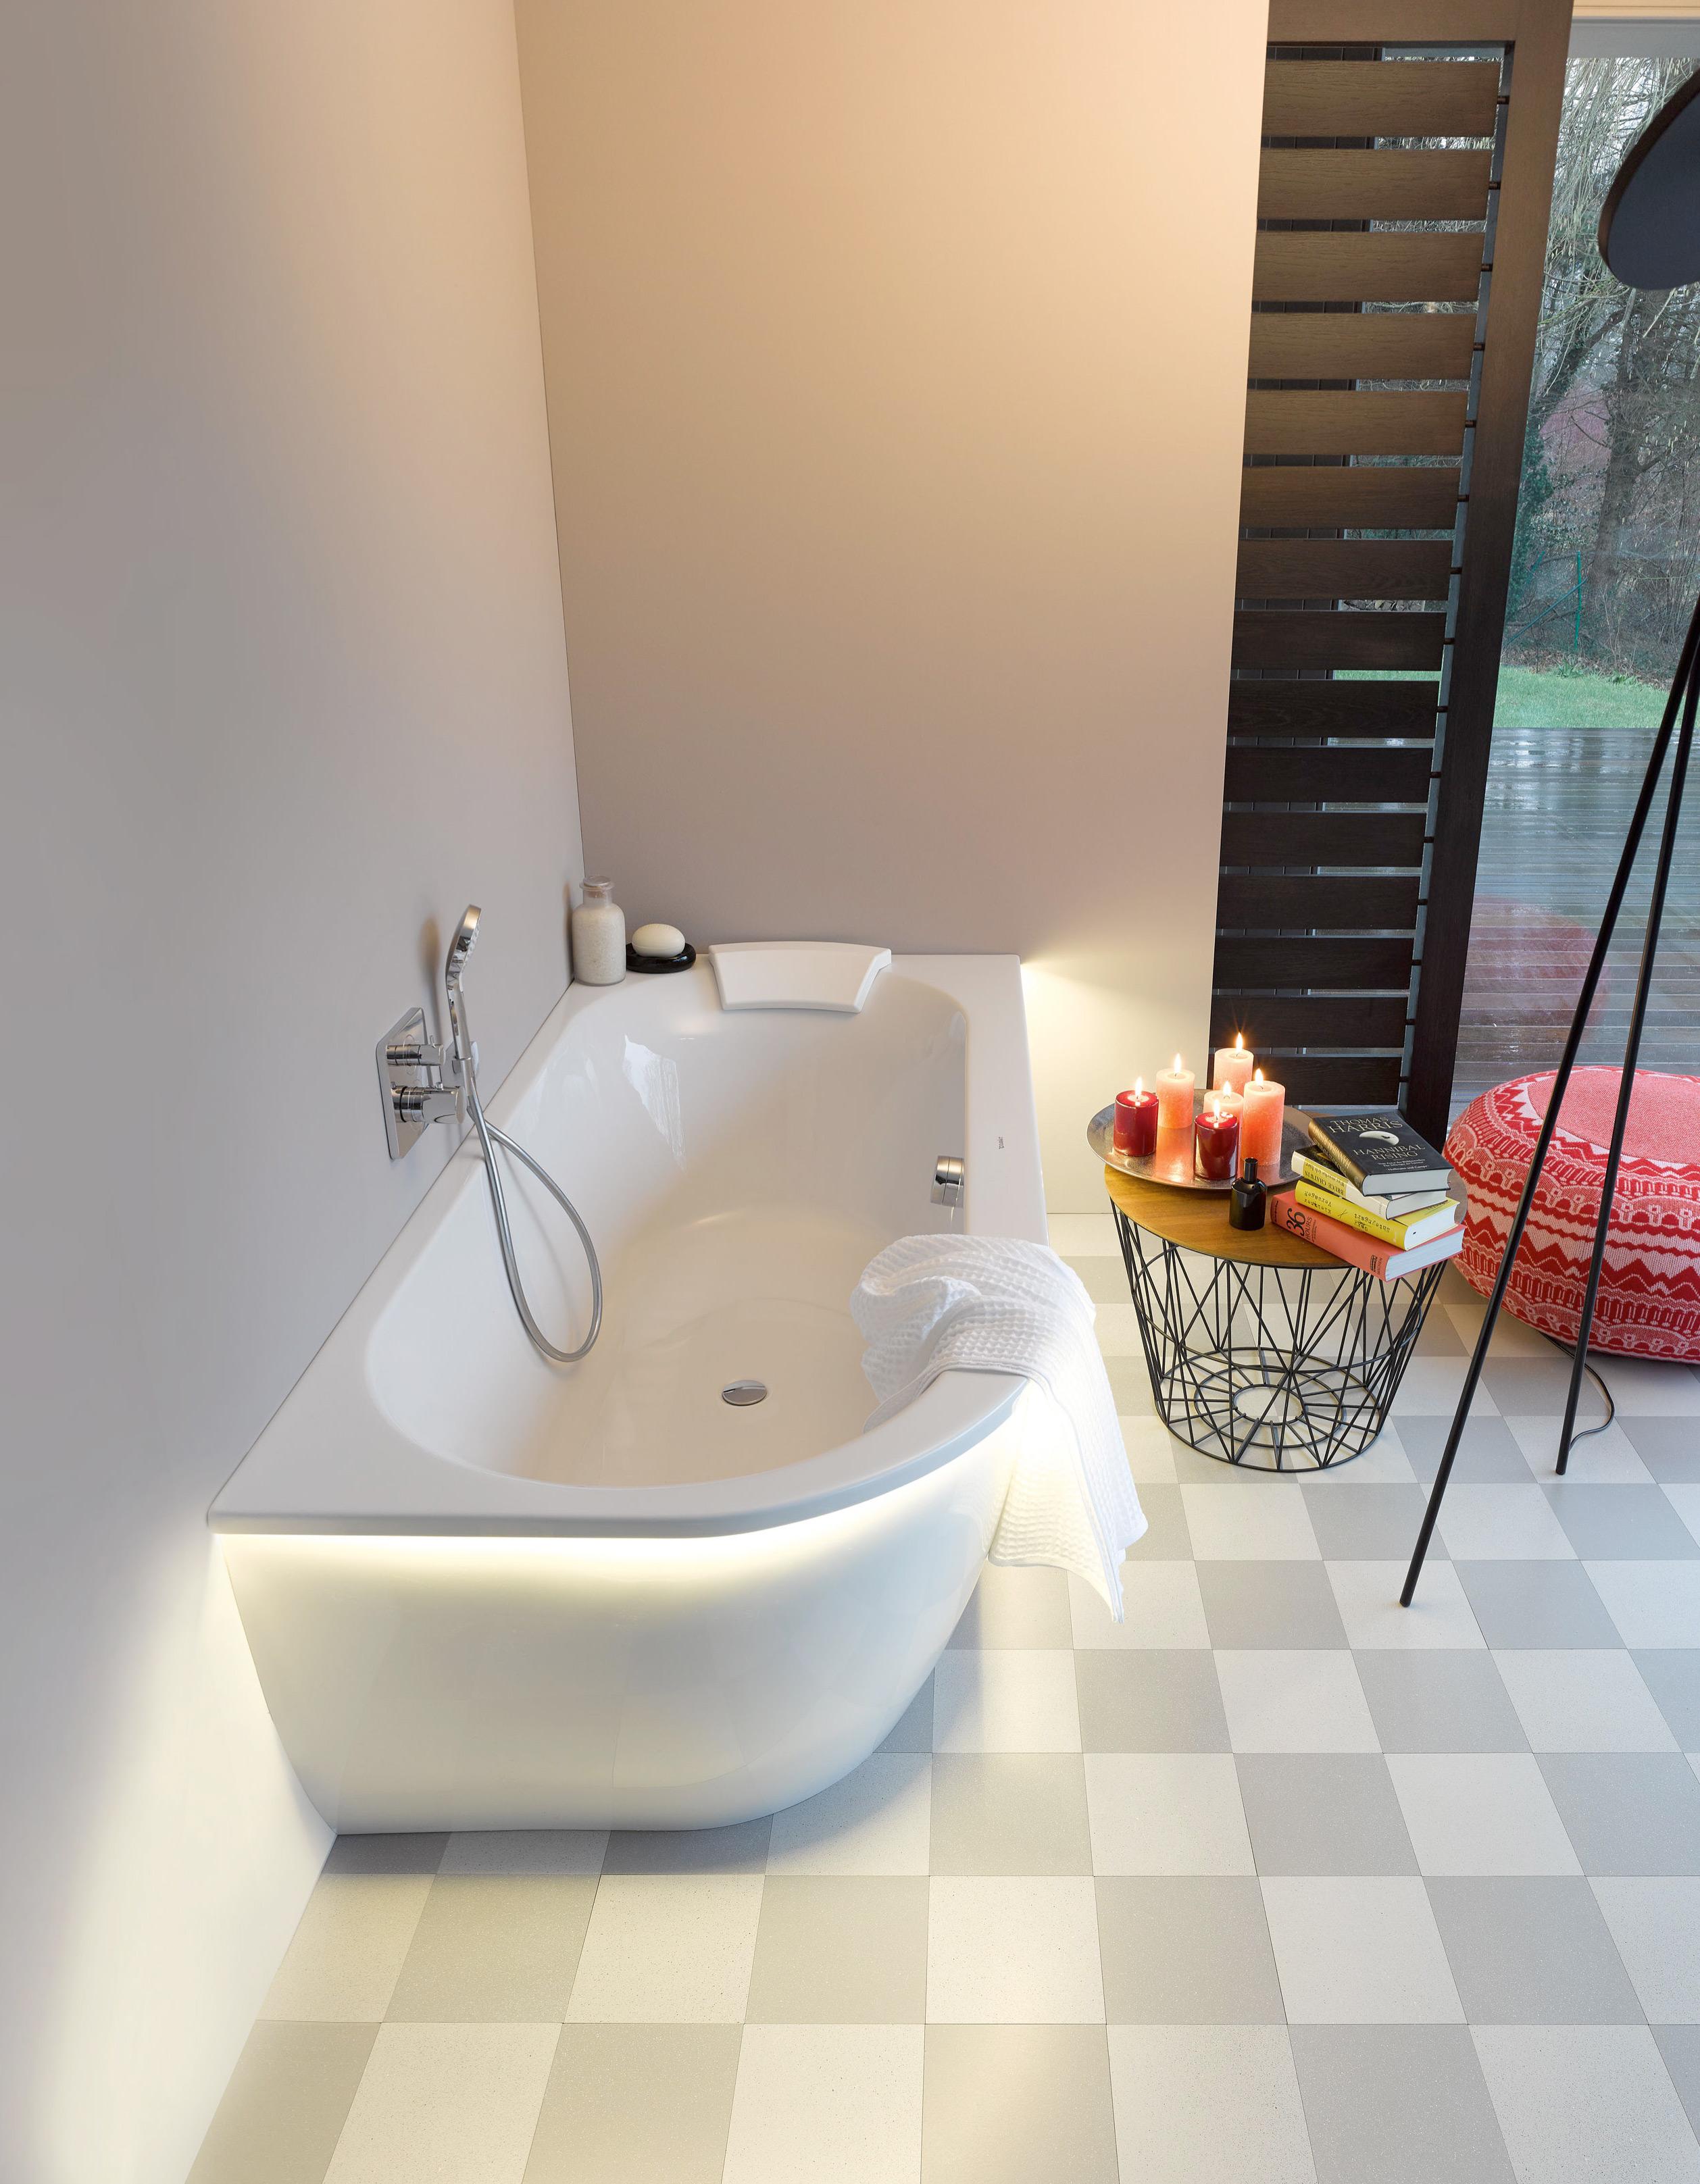 badewannen badewanne latina with badewannen finest die. Black Bedroom Furniture Sets. Home Design Ideas